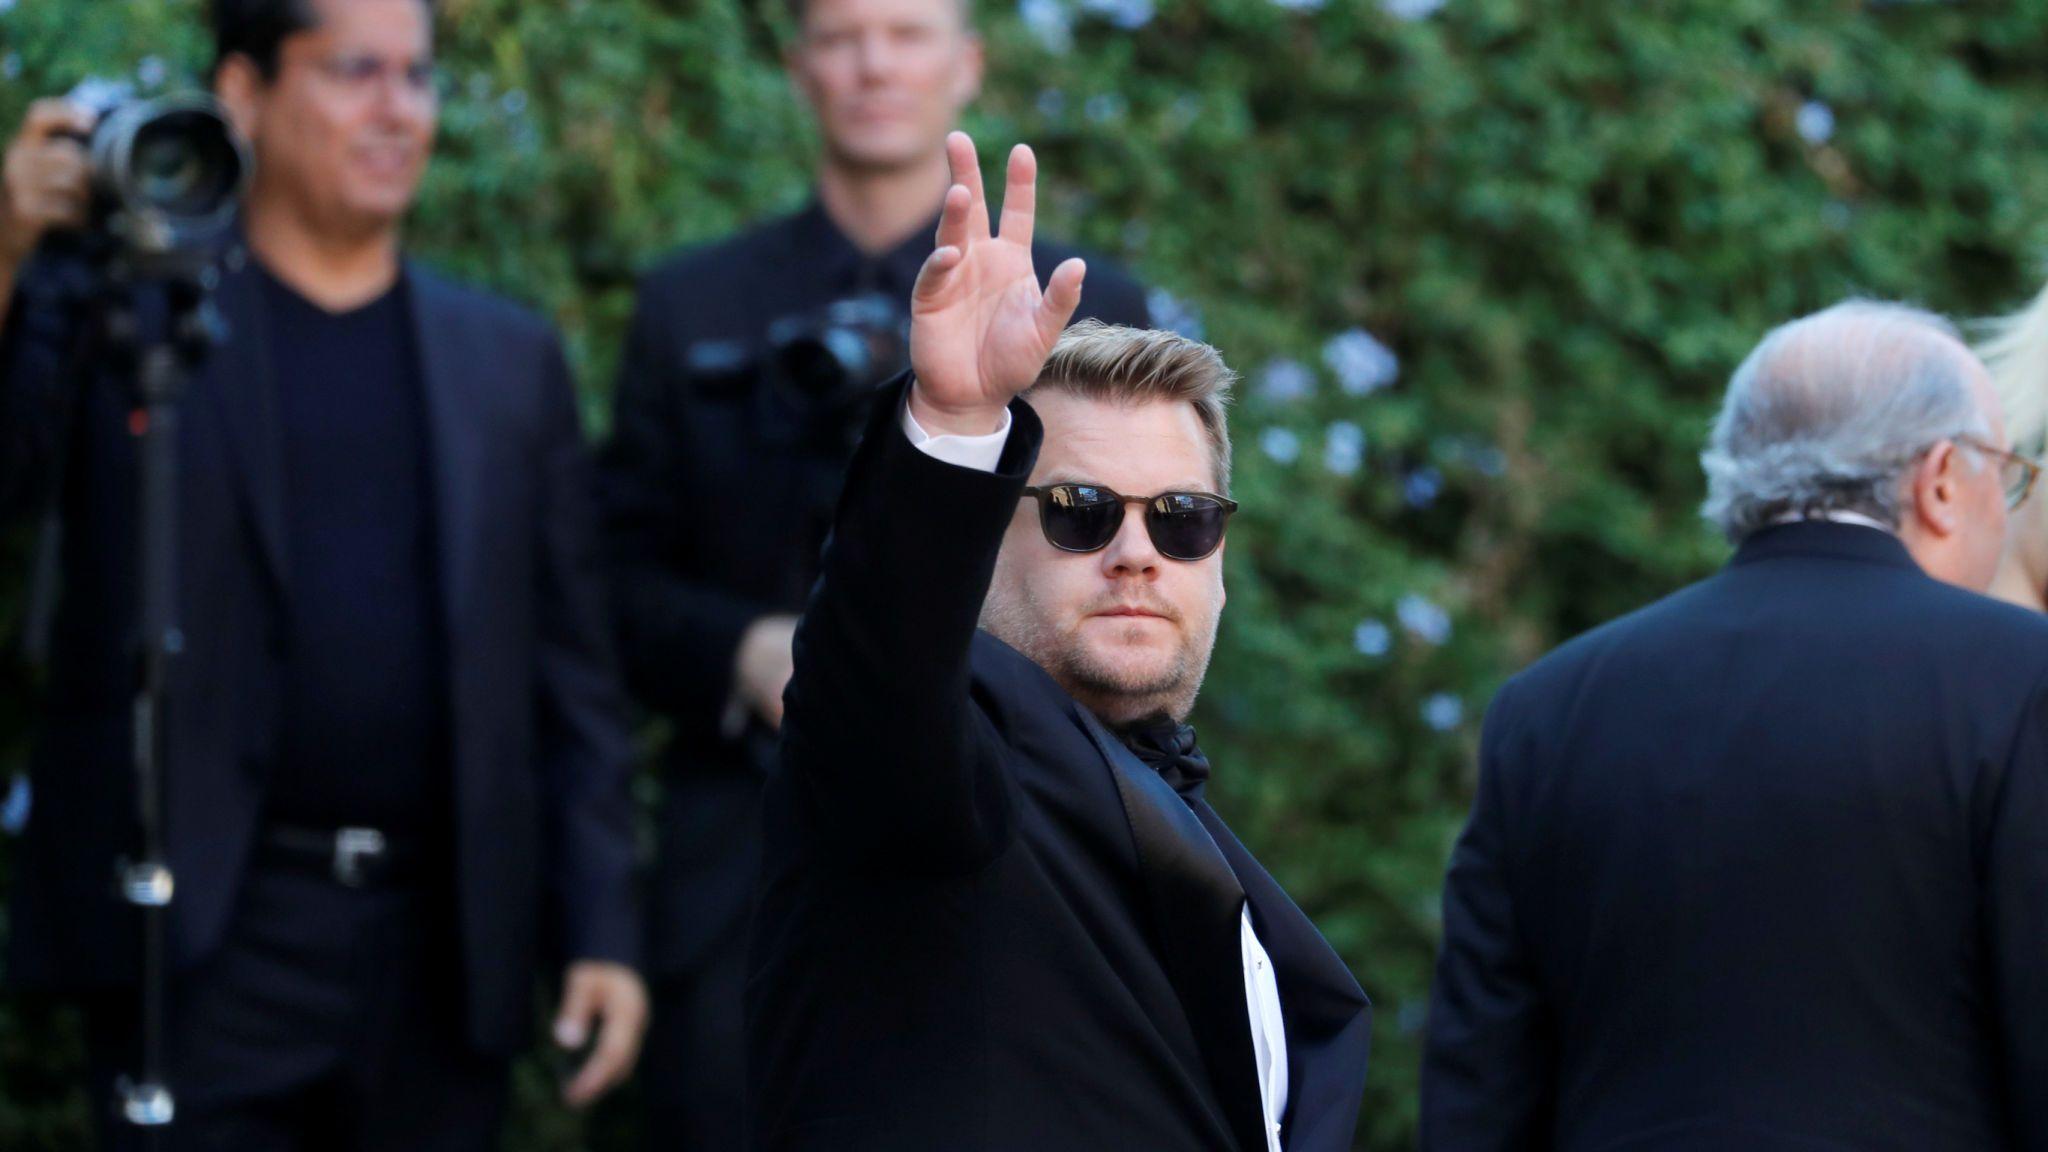 James Corden gestures as he attends the wedding